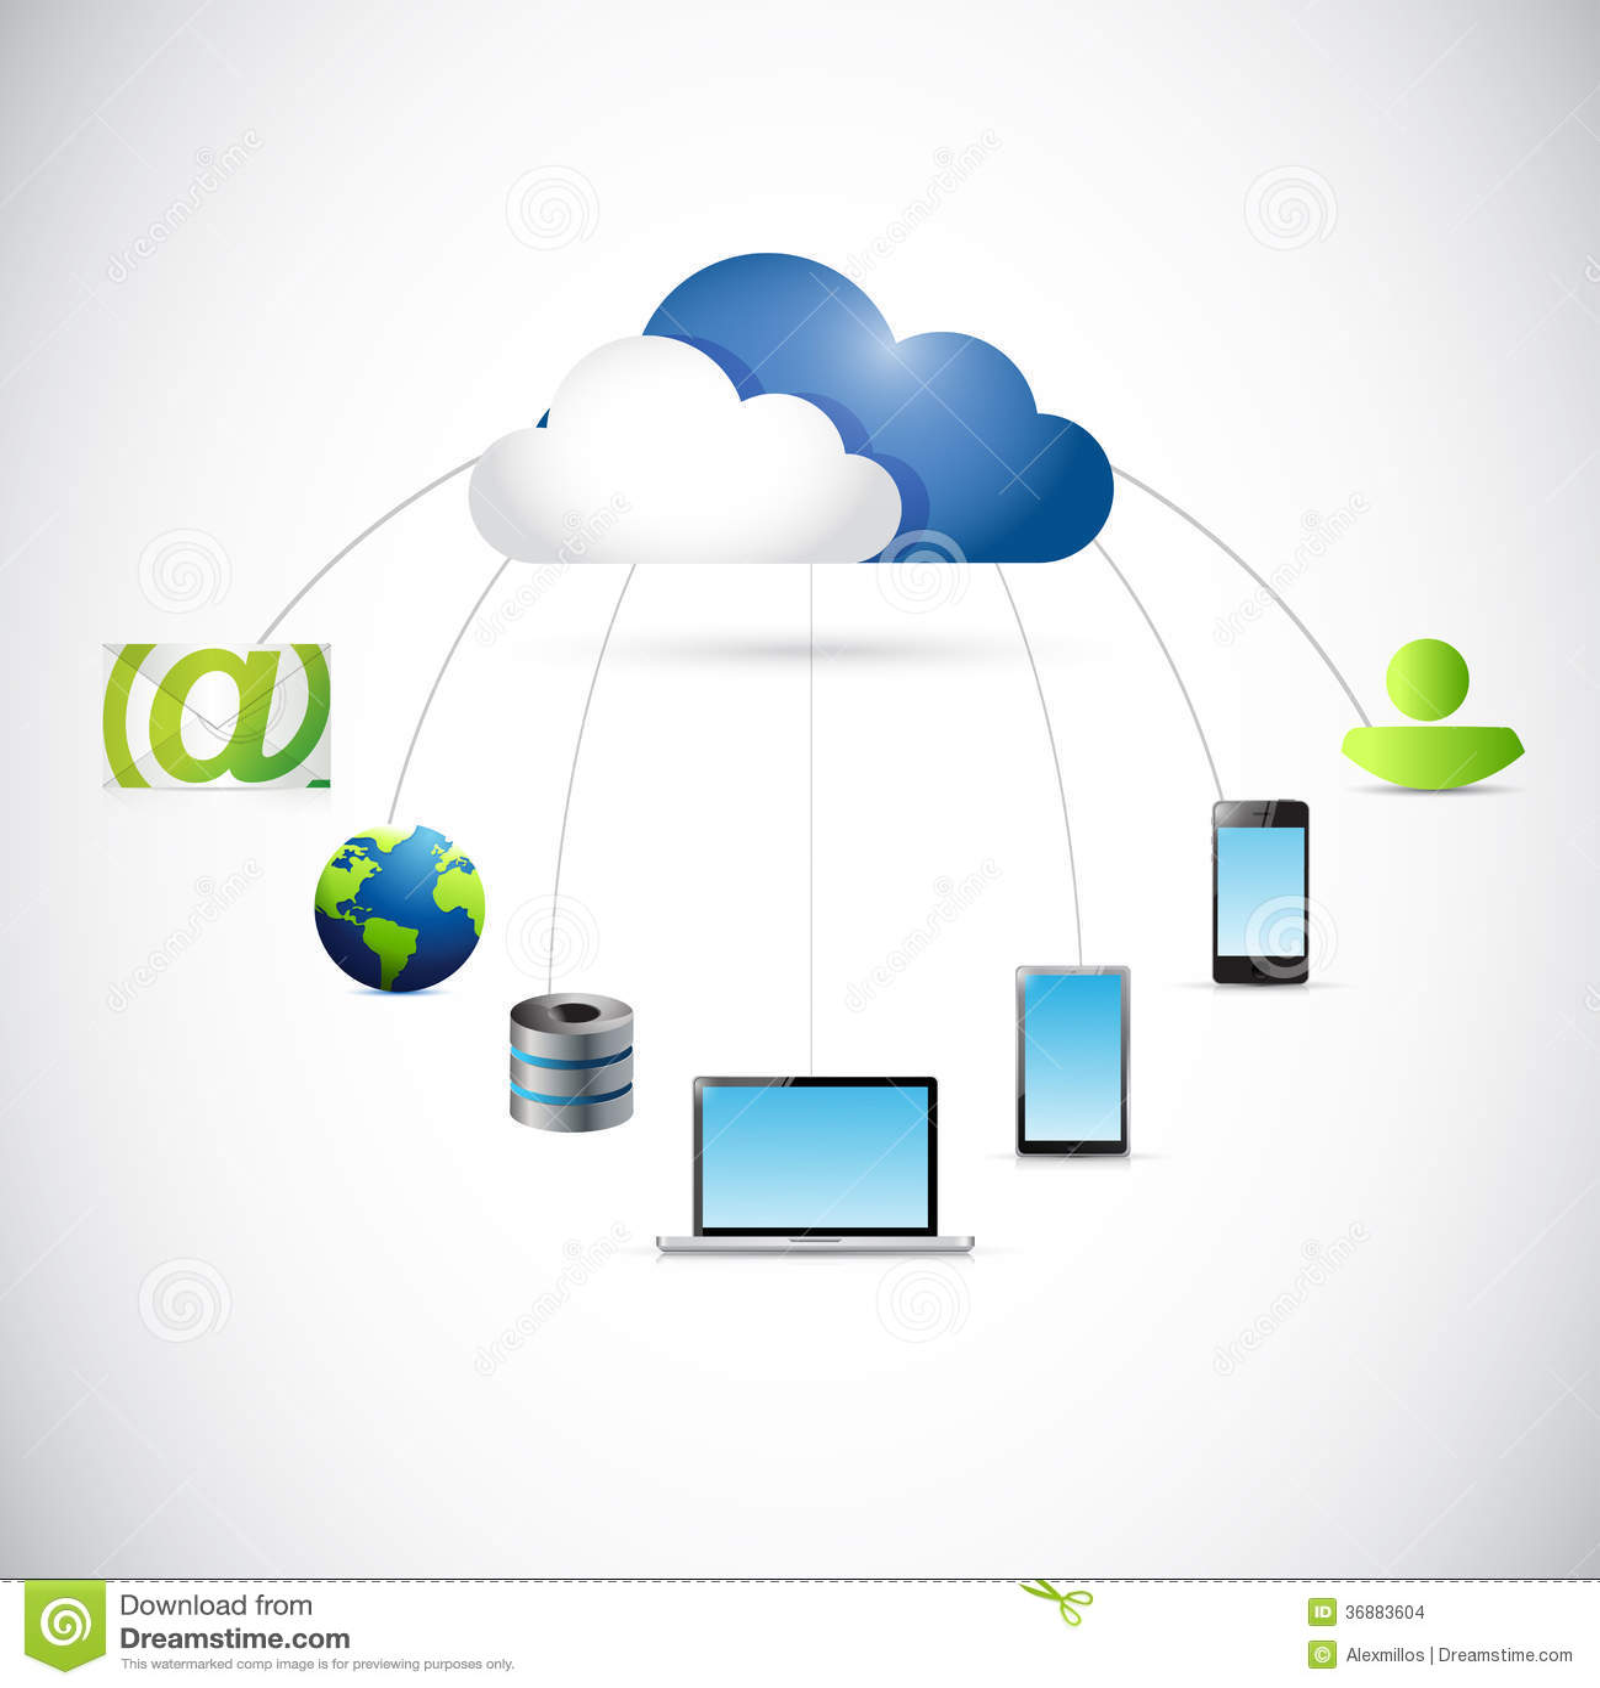 Download Nuvola Collegata A Parecchie Destinazioni. Illustrazione di Stock - Illustrazione di diversità, illustrazione: 36883604